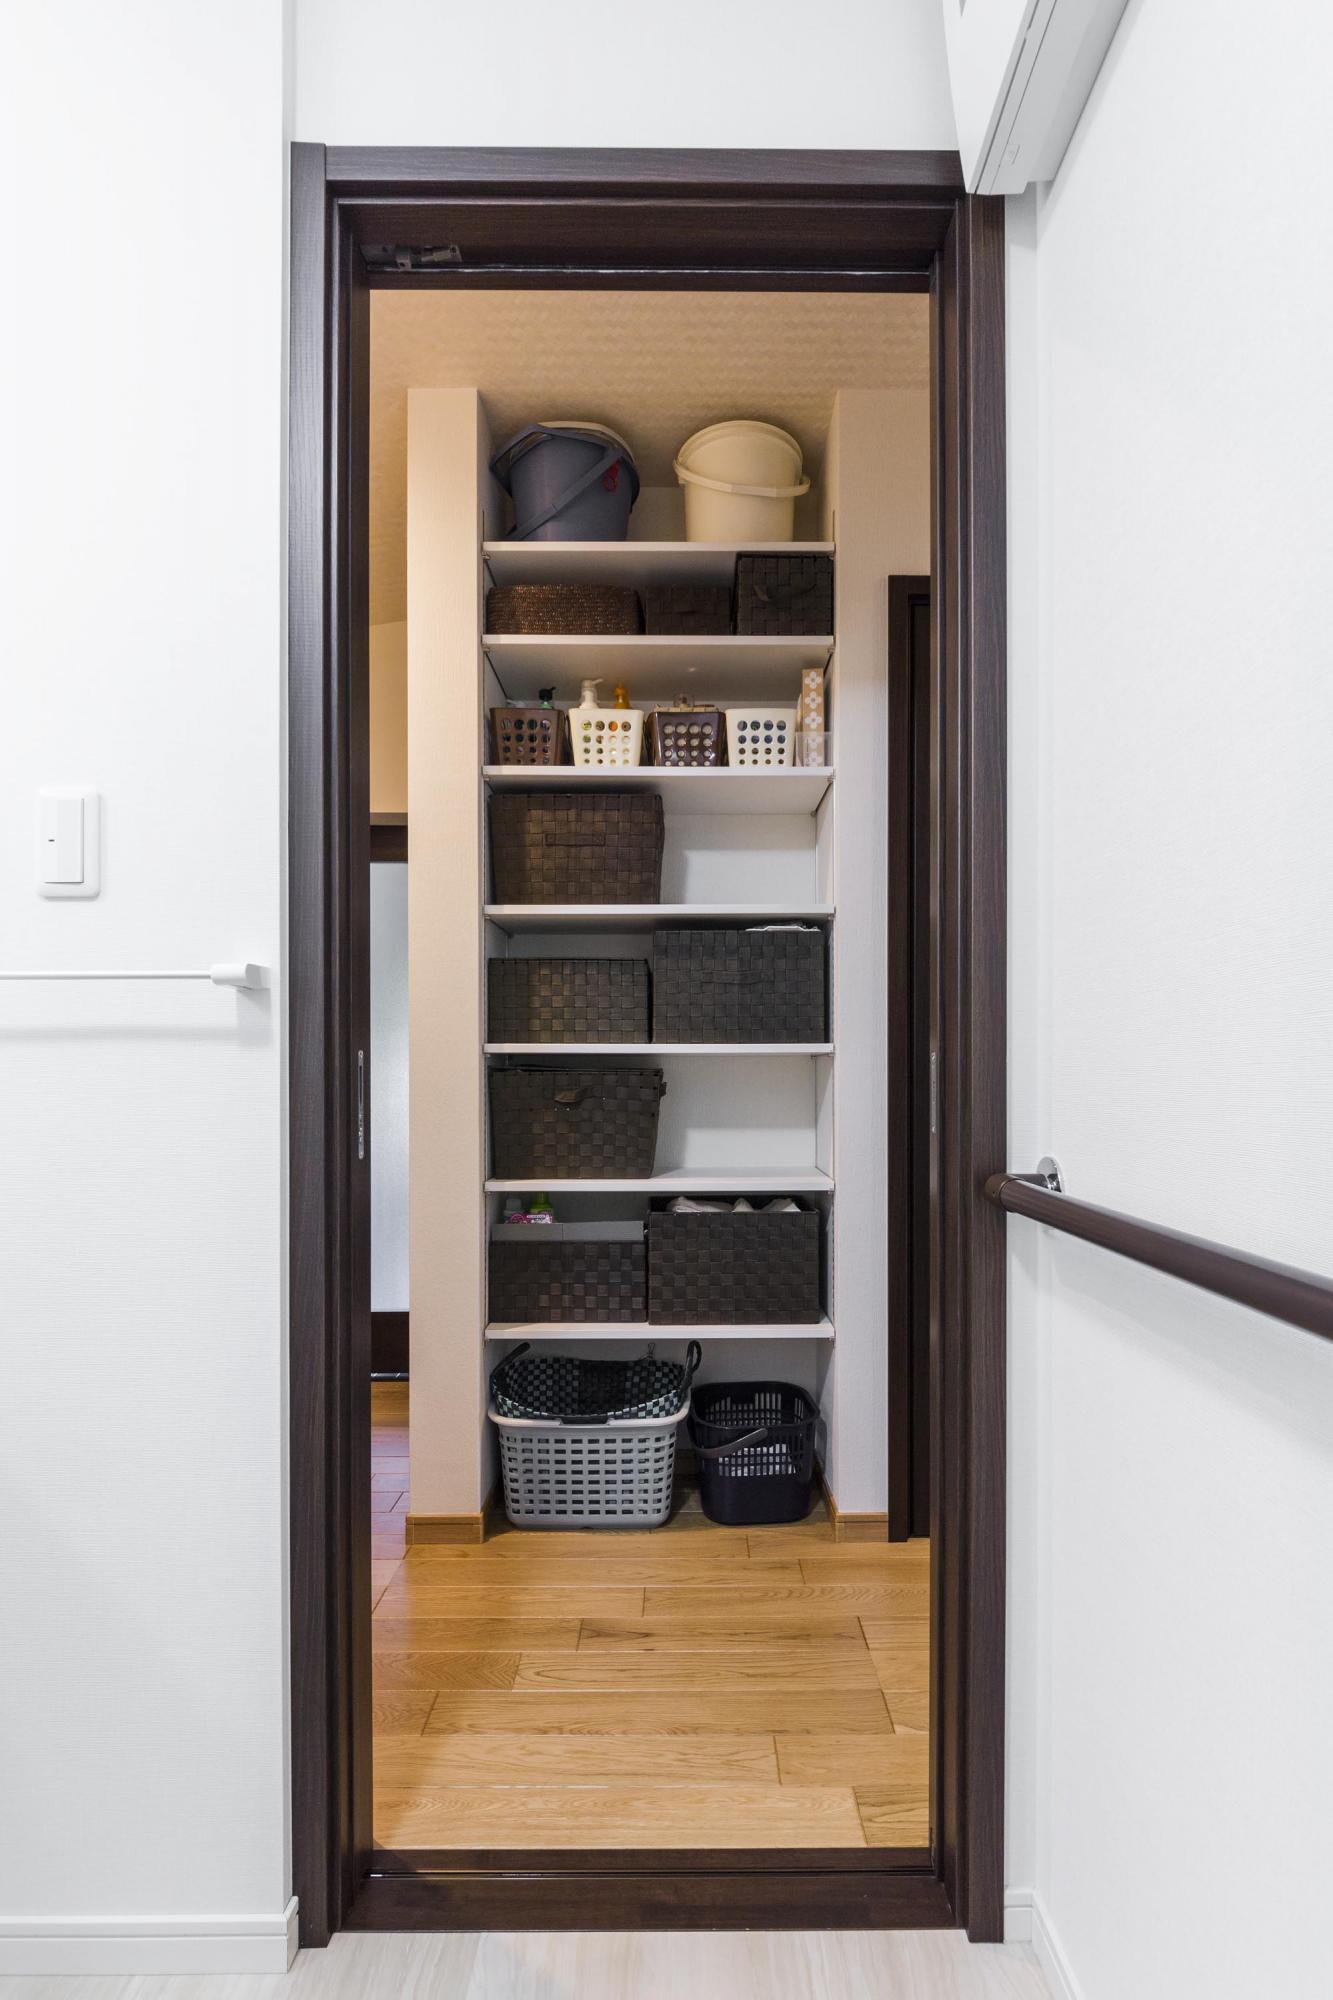 洗面室やトイレに面した廊下の柱を利用して、7段の可動棚を造作した。